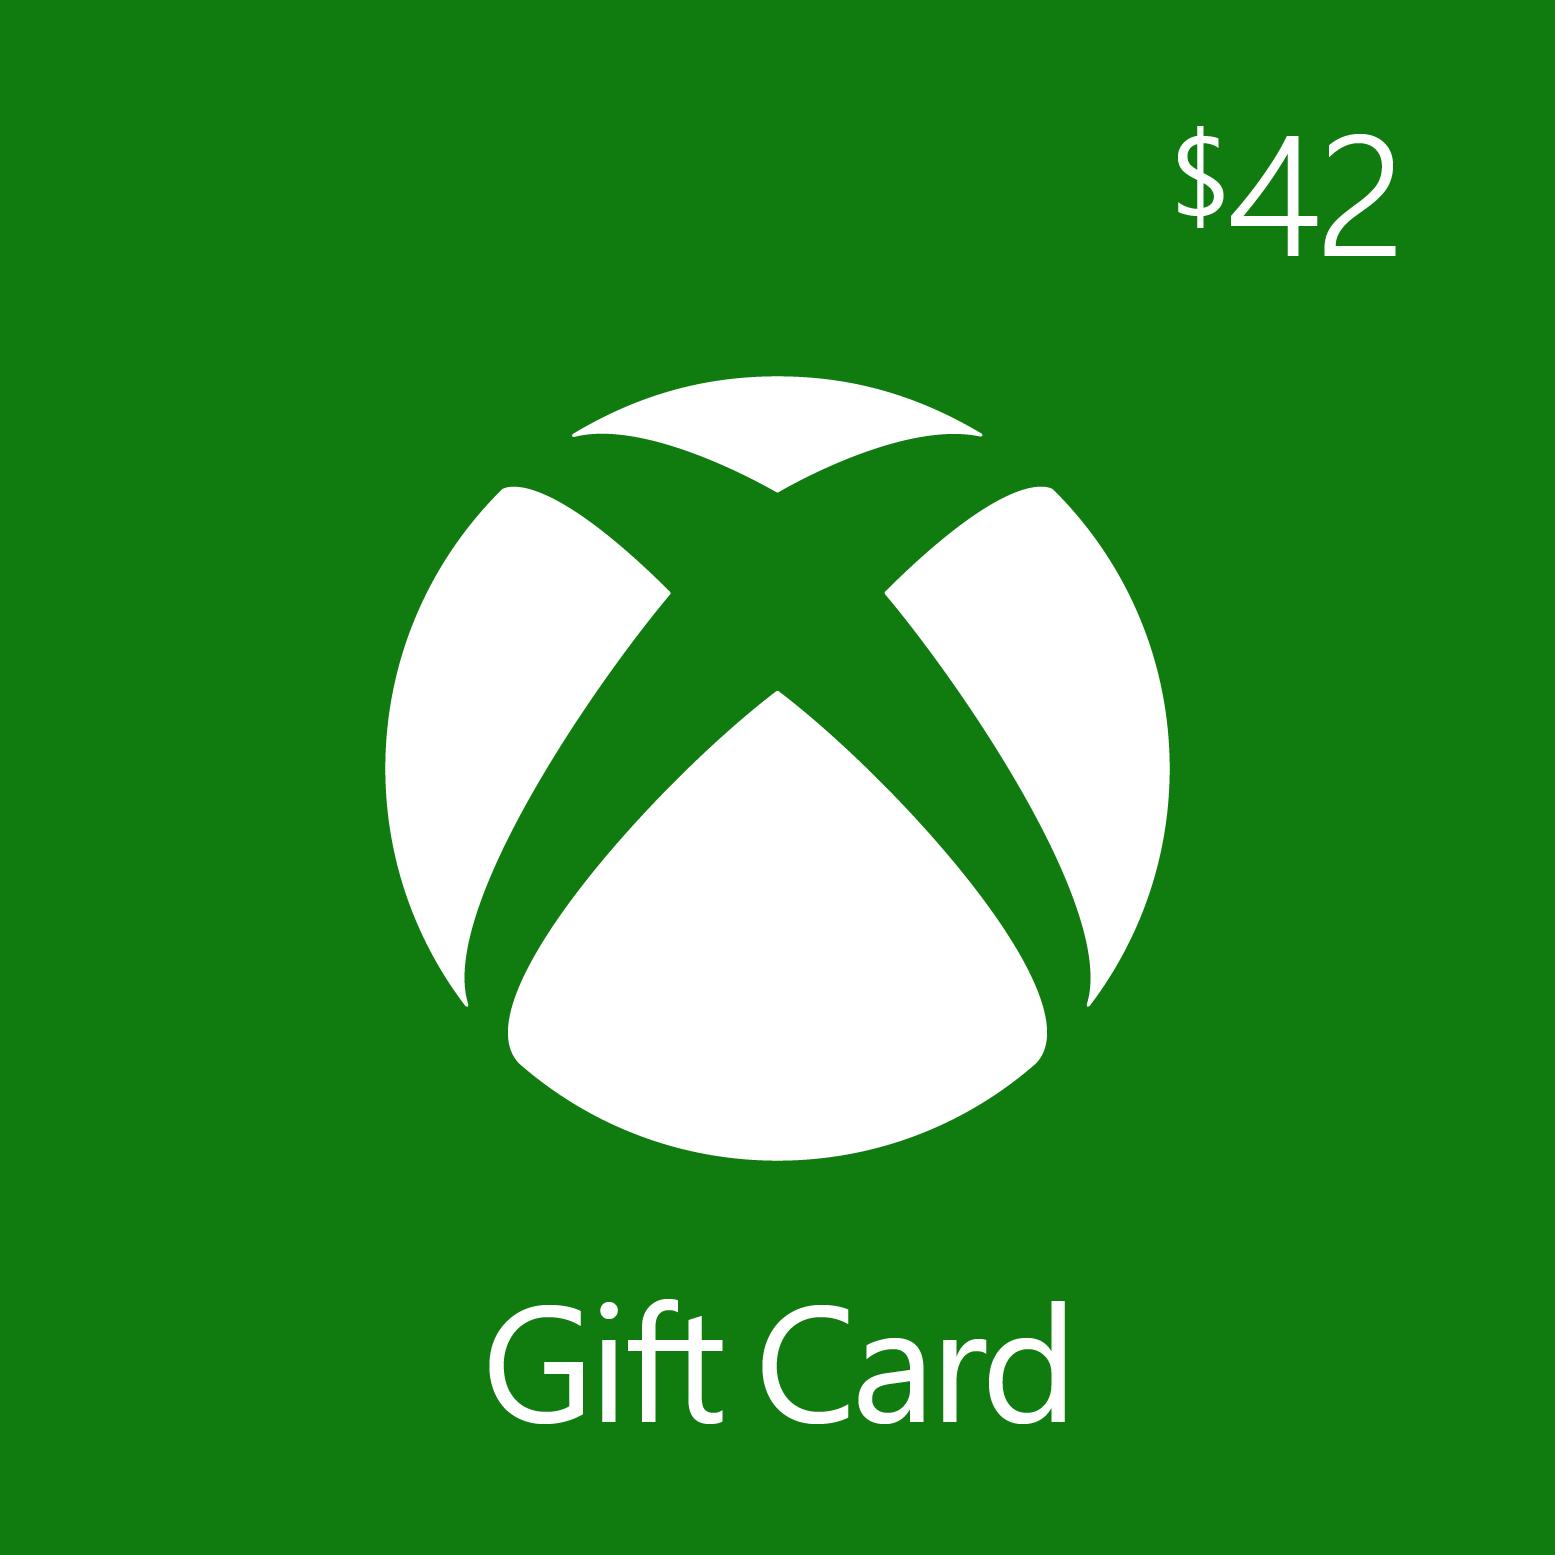 $42.00 Xbox Digital Gift Card